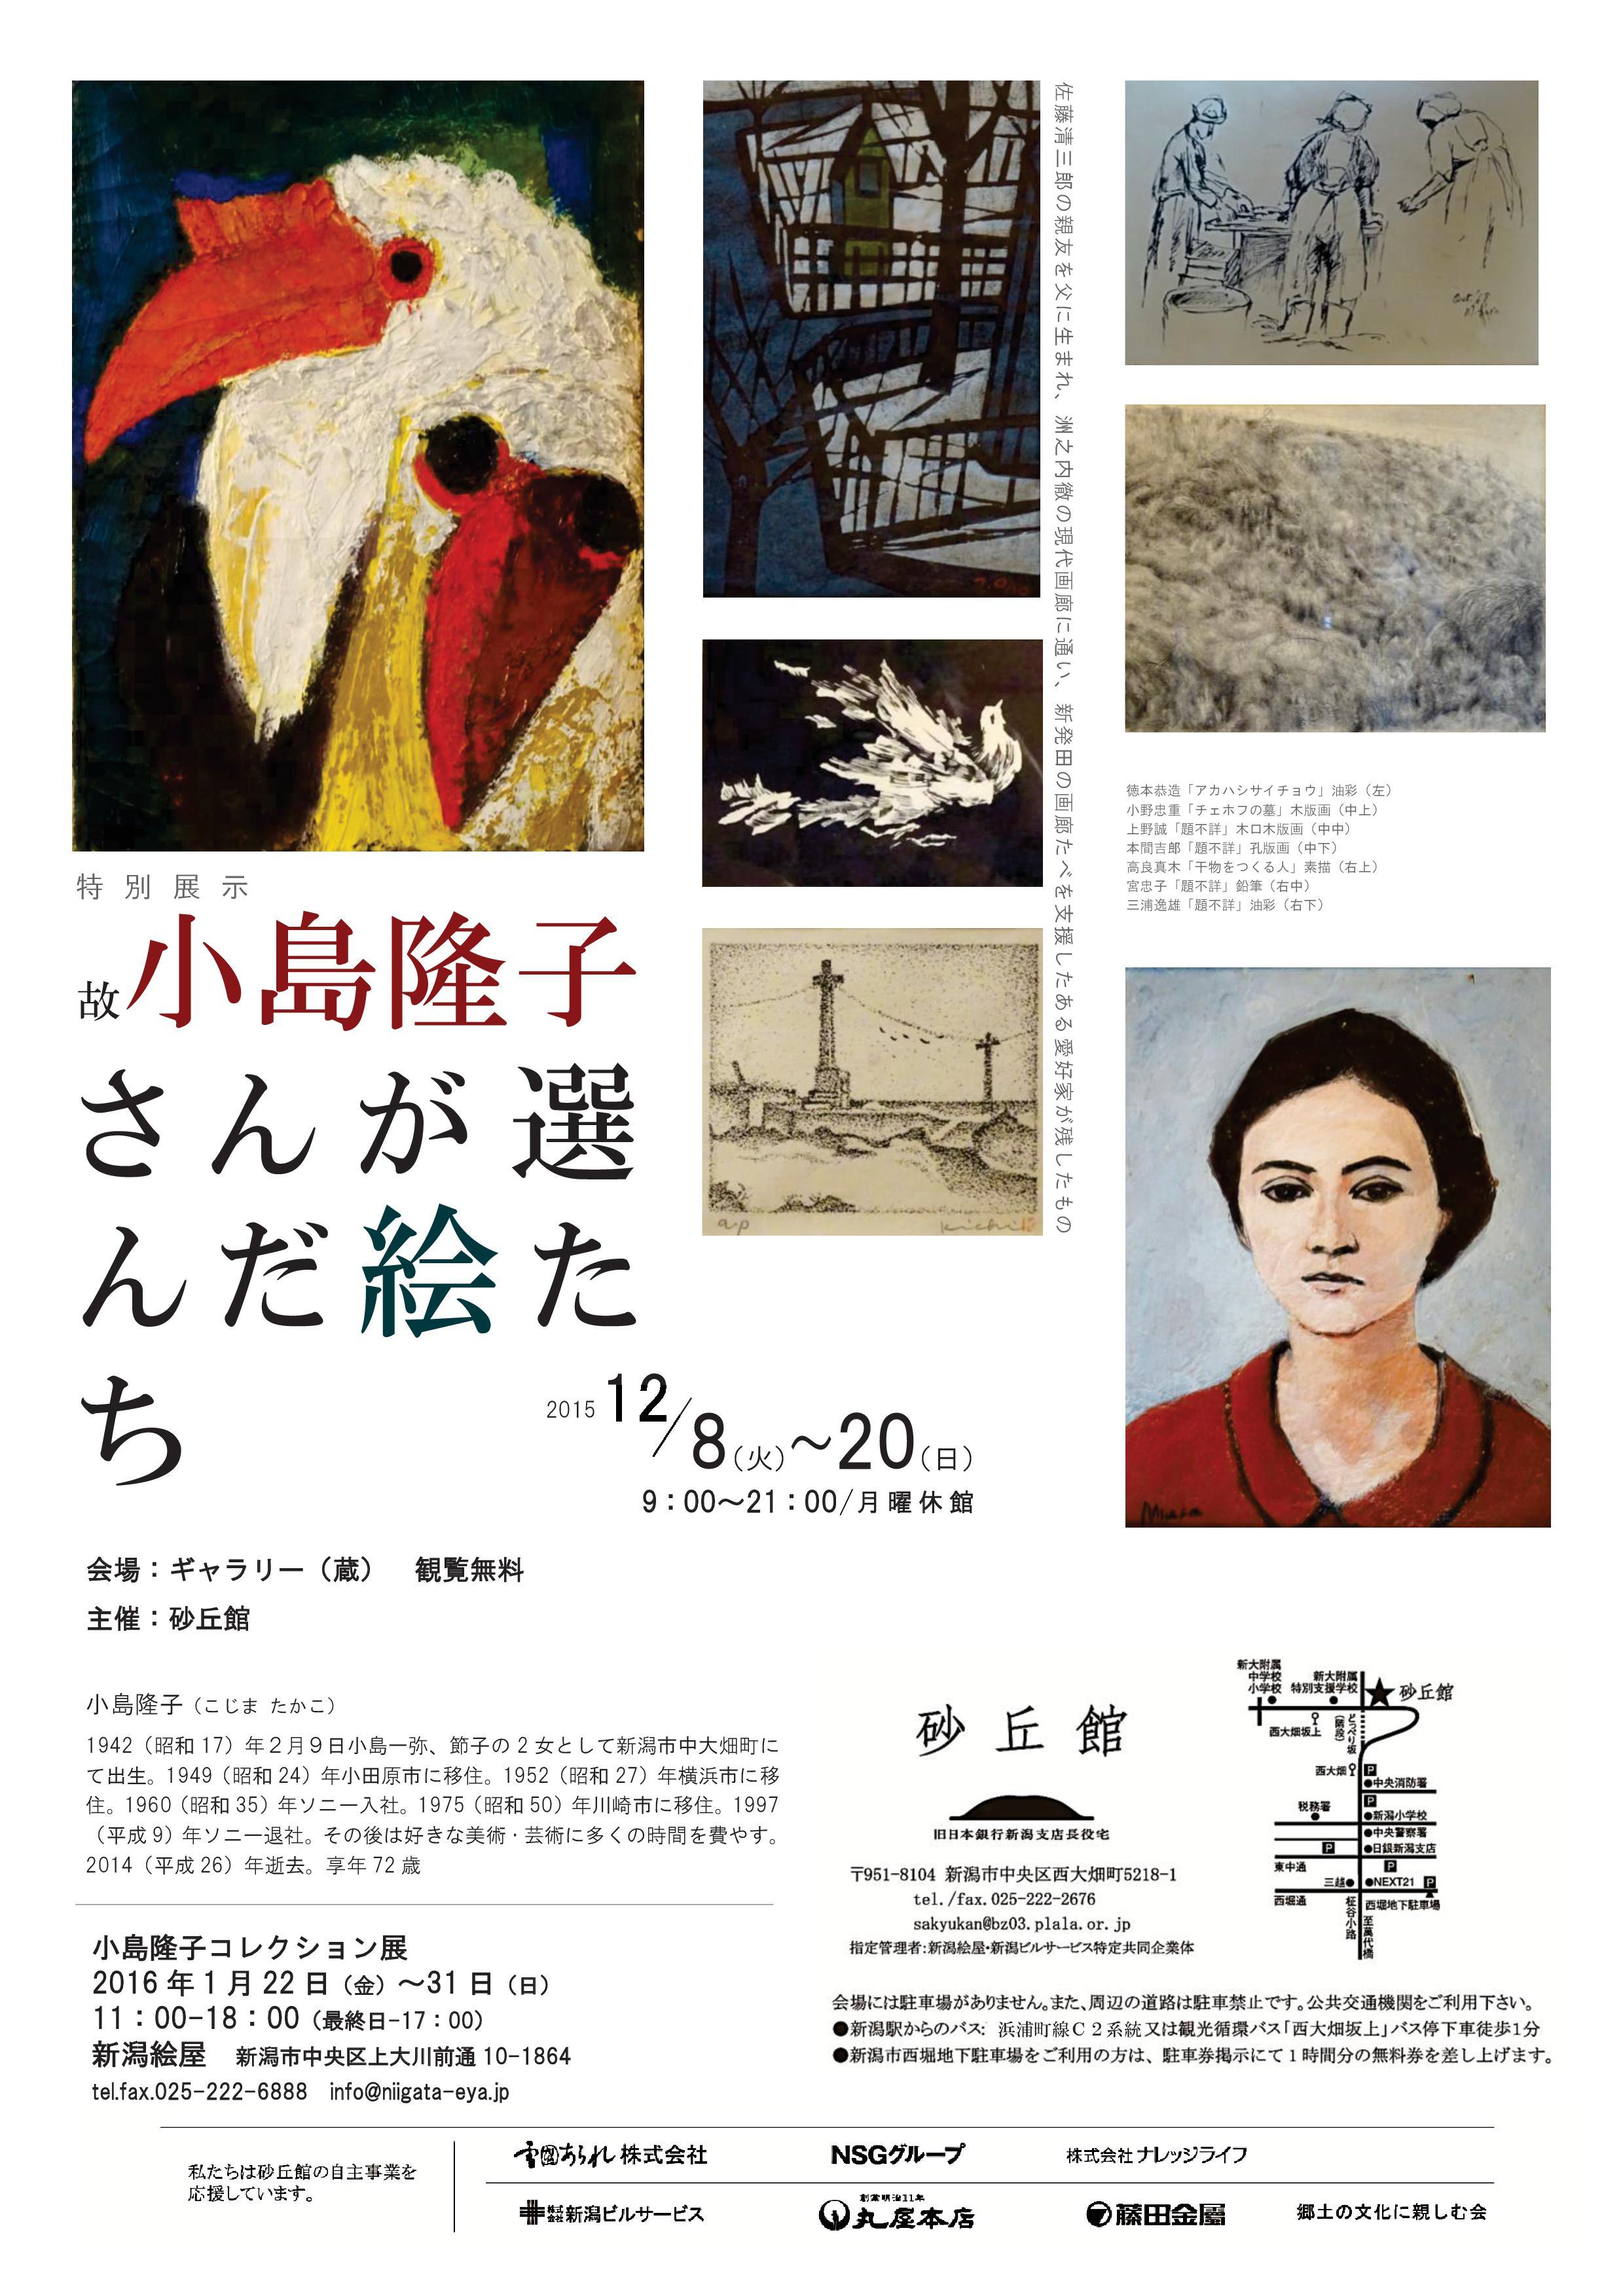 特別展示「小島隆子コレクション」チラシ